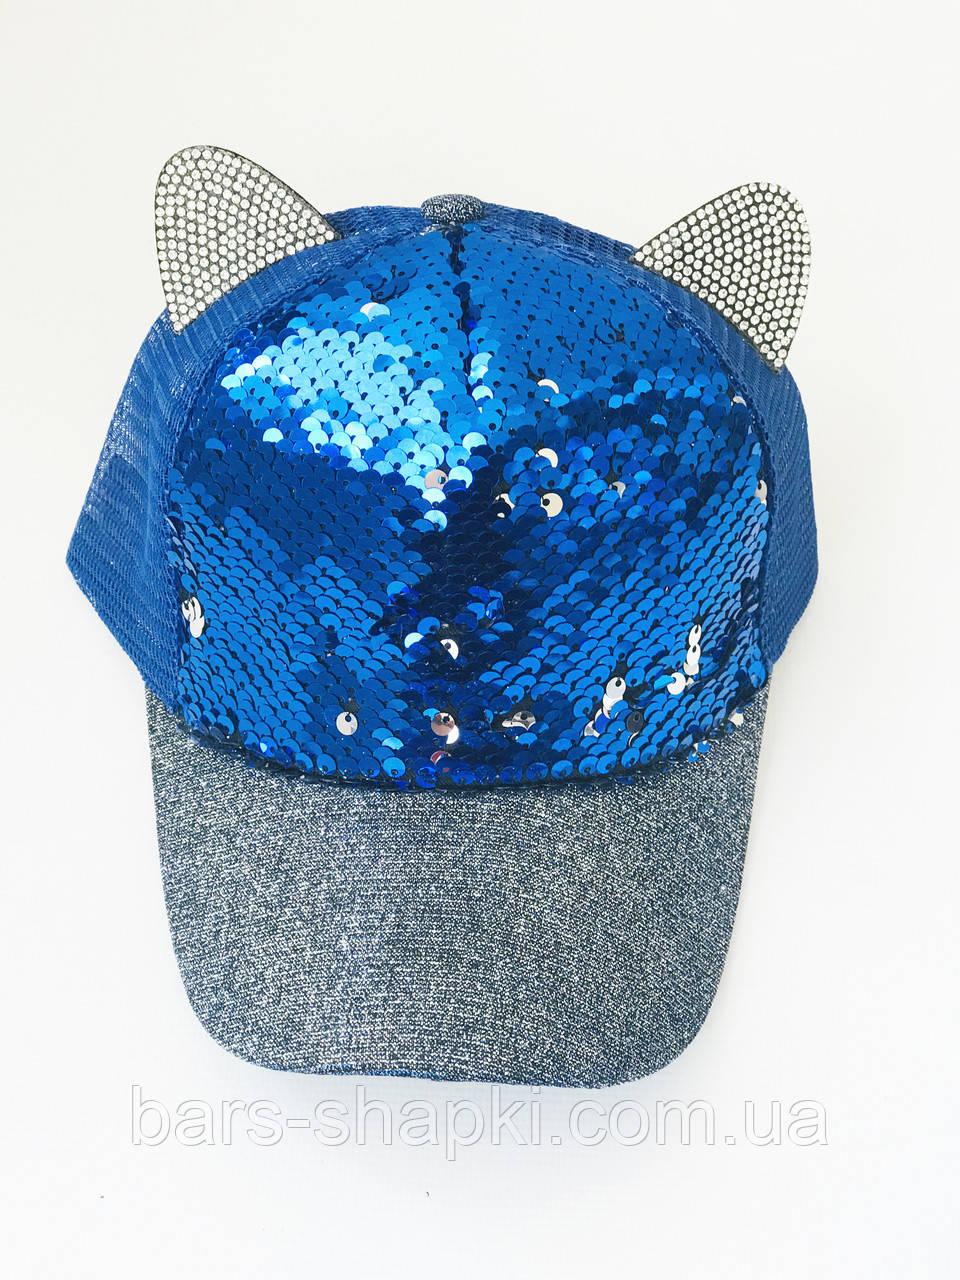 Детская кепочка с паетками и ушками р 52-54 (синие паетки)